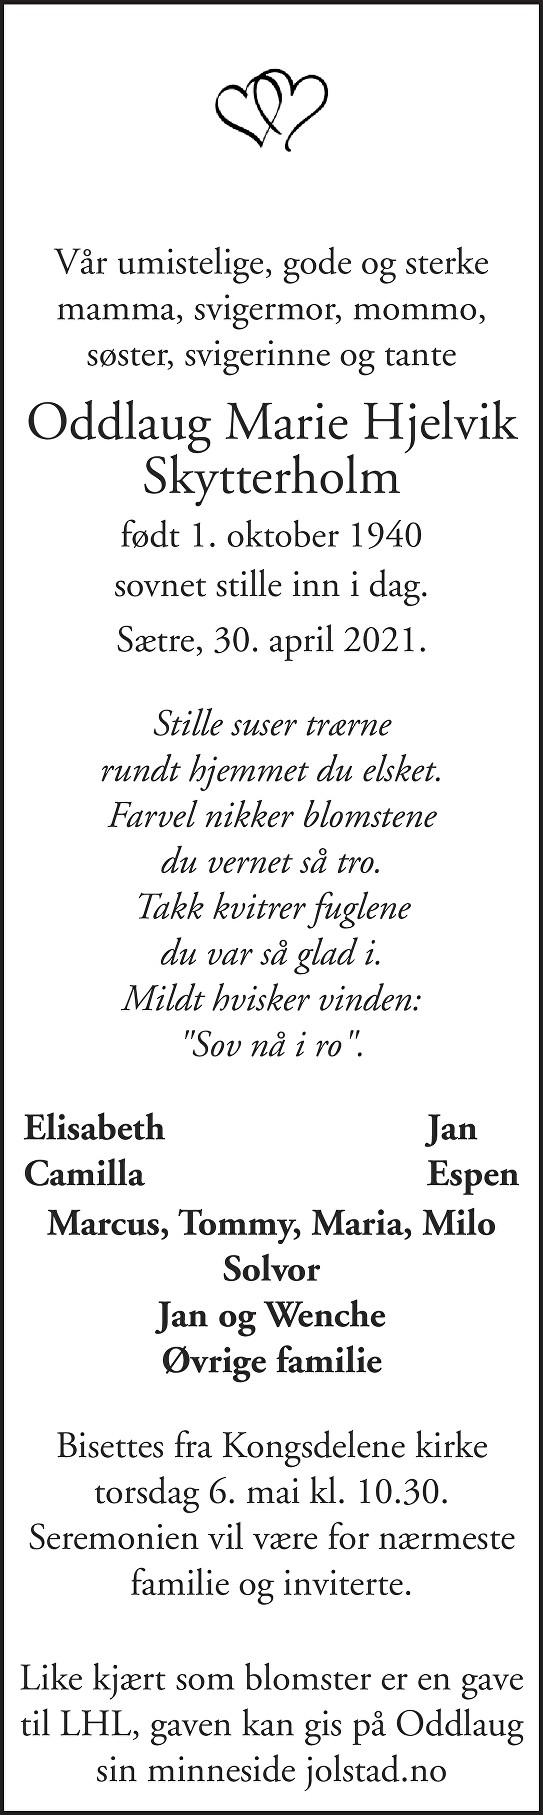 Oddlaug Marie Hjelvik Skytterholm Dødsannonse